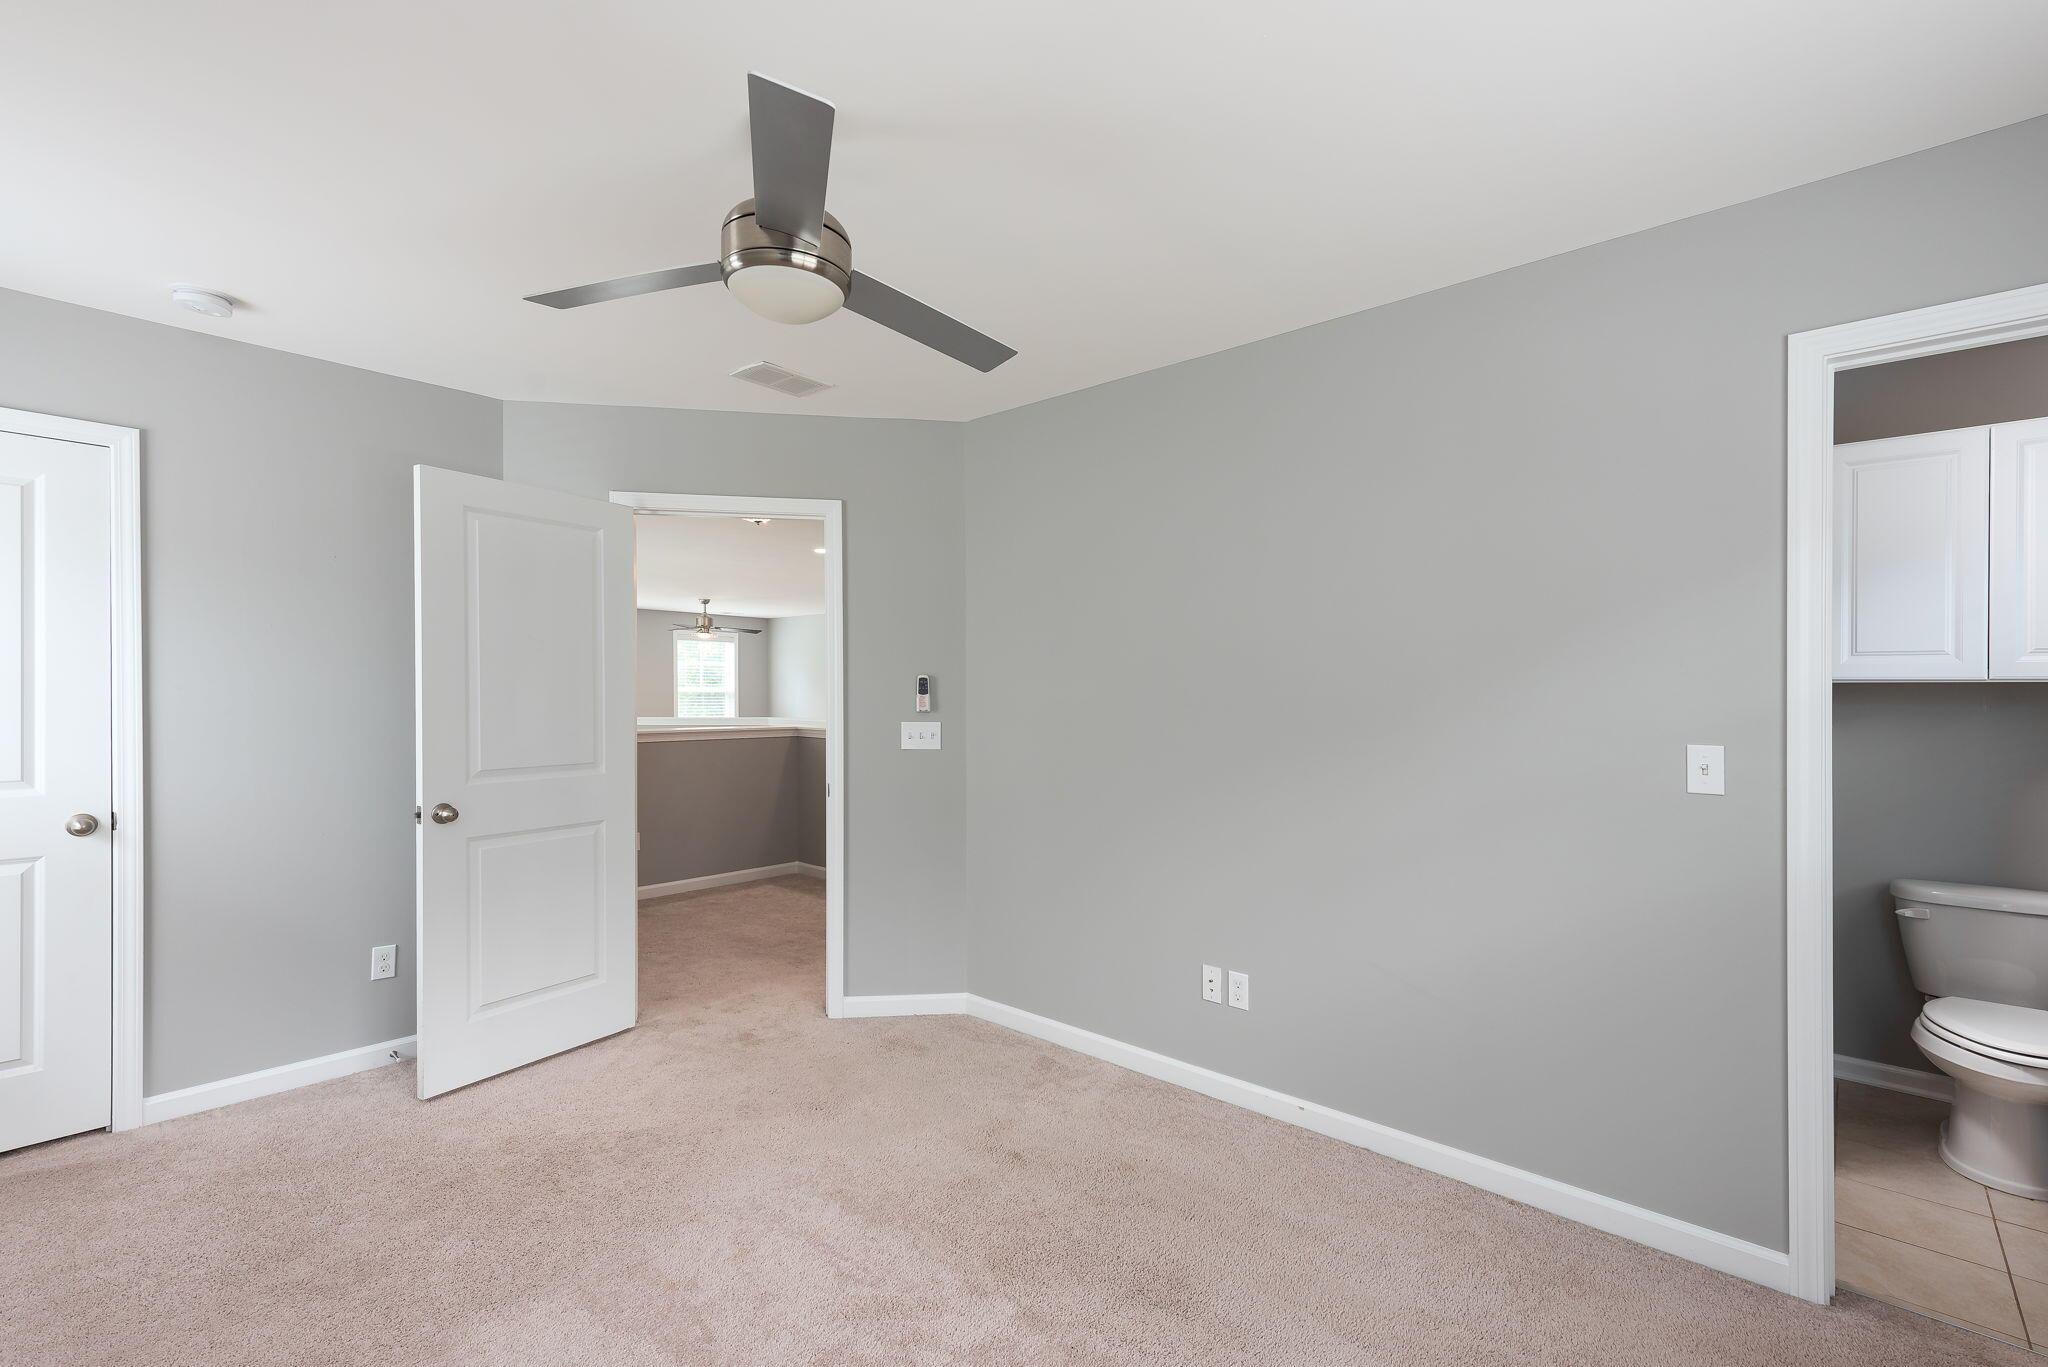 Park West Homes For Sale - 1656 Bridwell Lane, Mount Pleasant, SC - 3